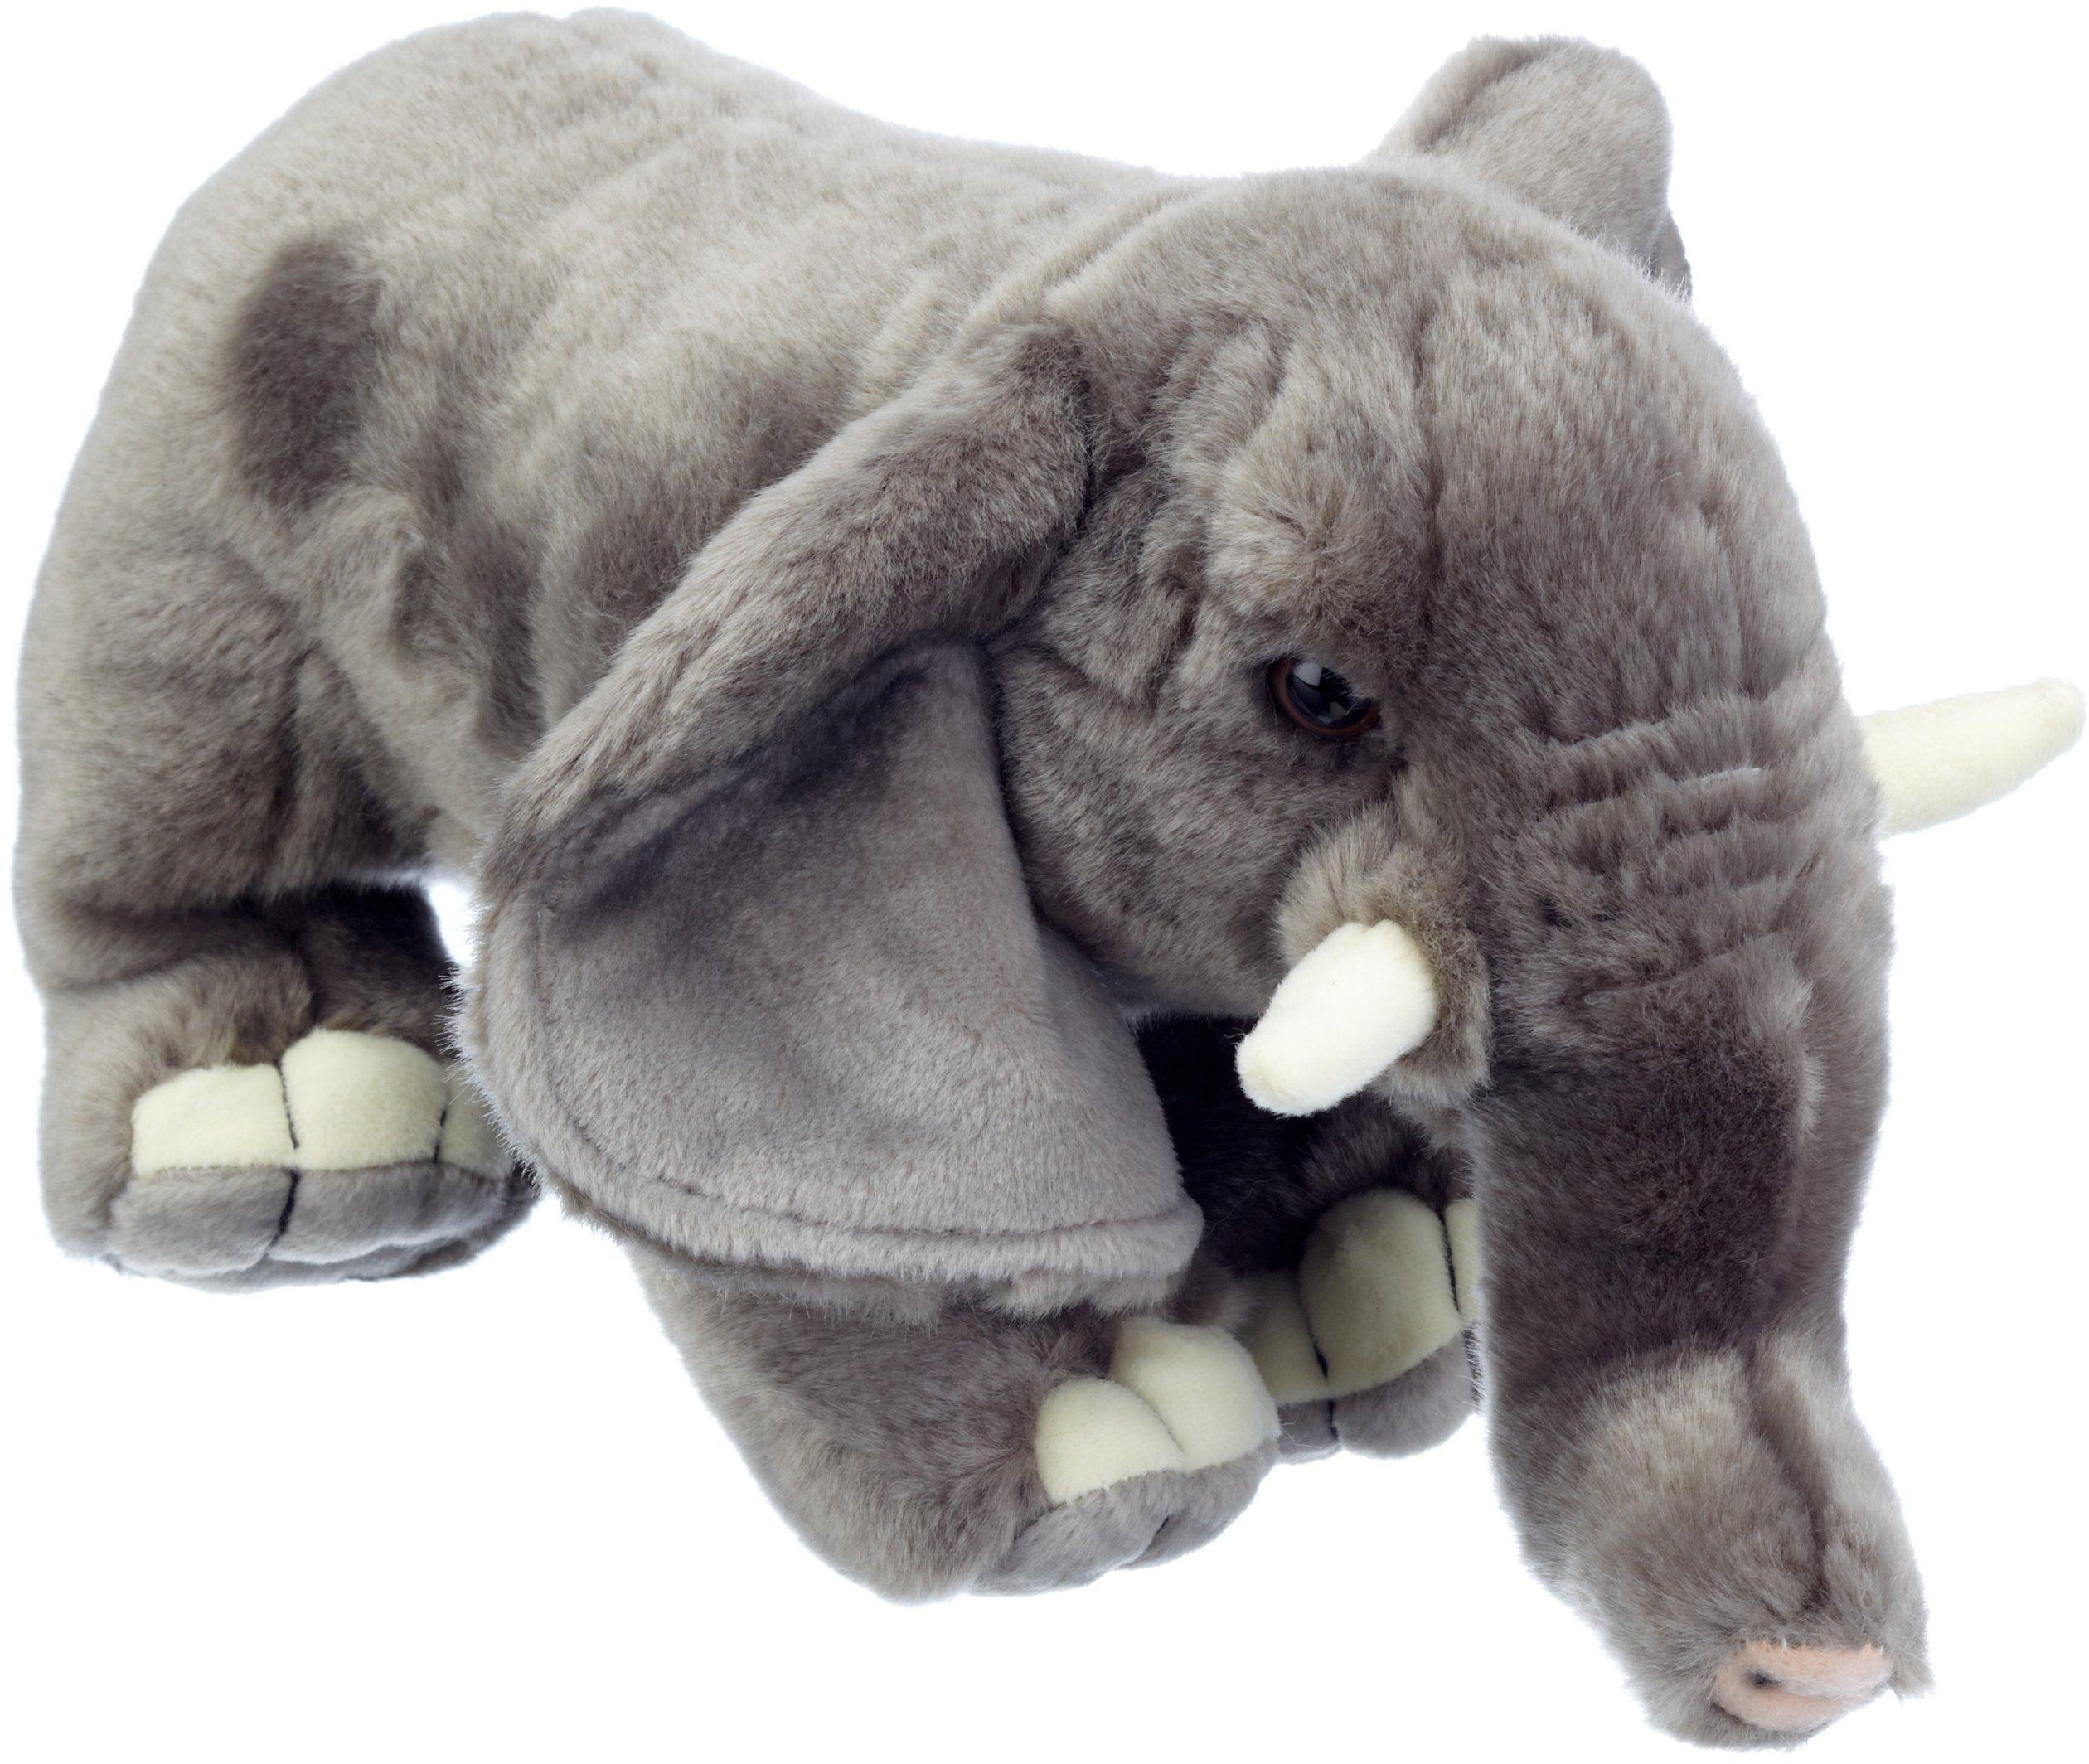 Simba 6305859044 - Nicotoy pluszowy słoń